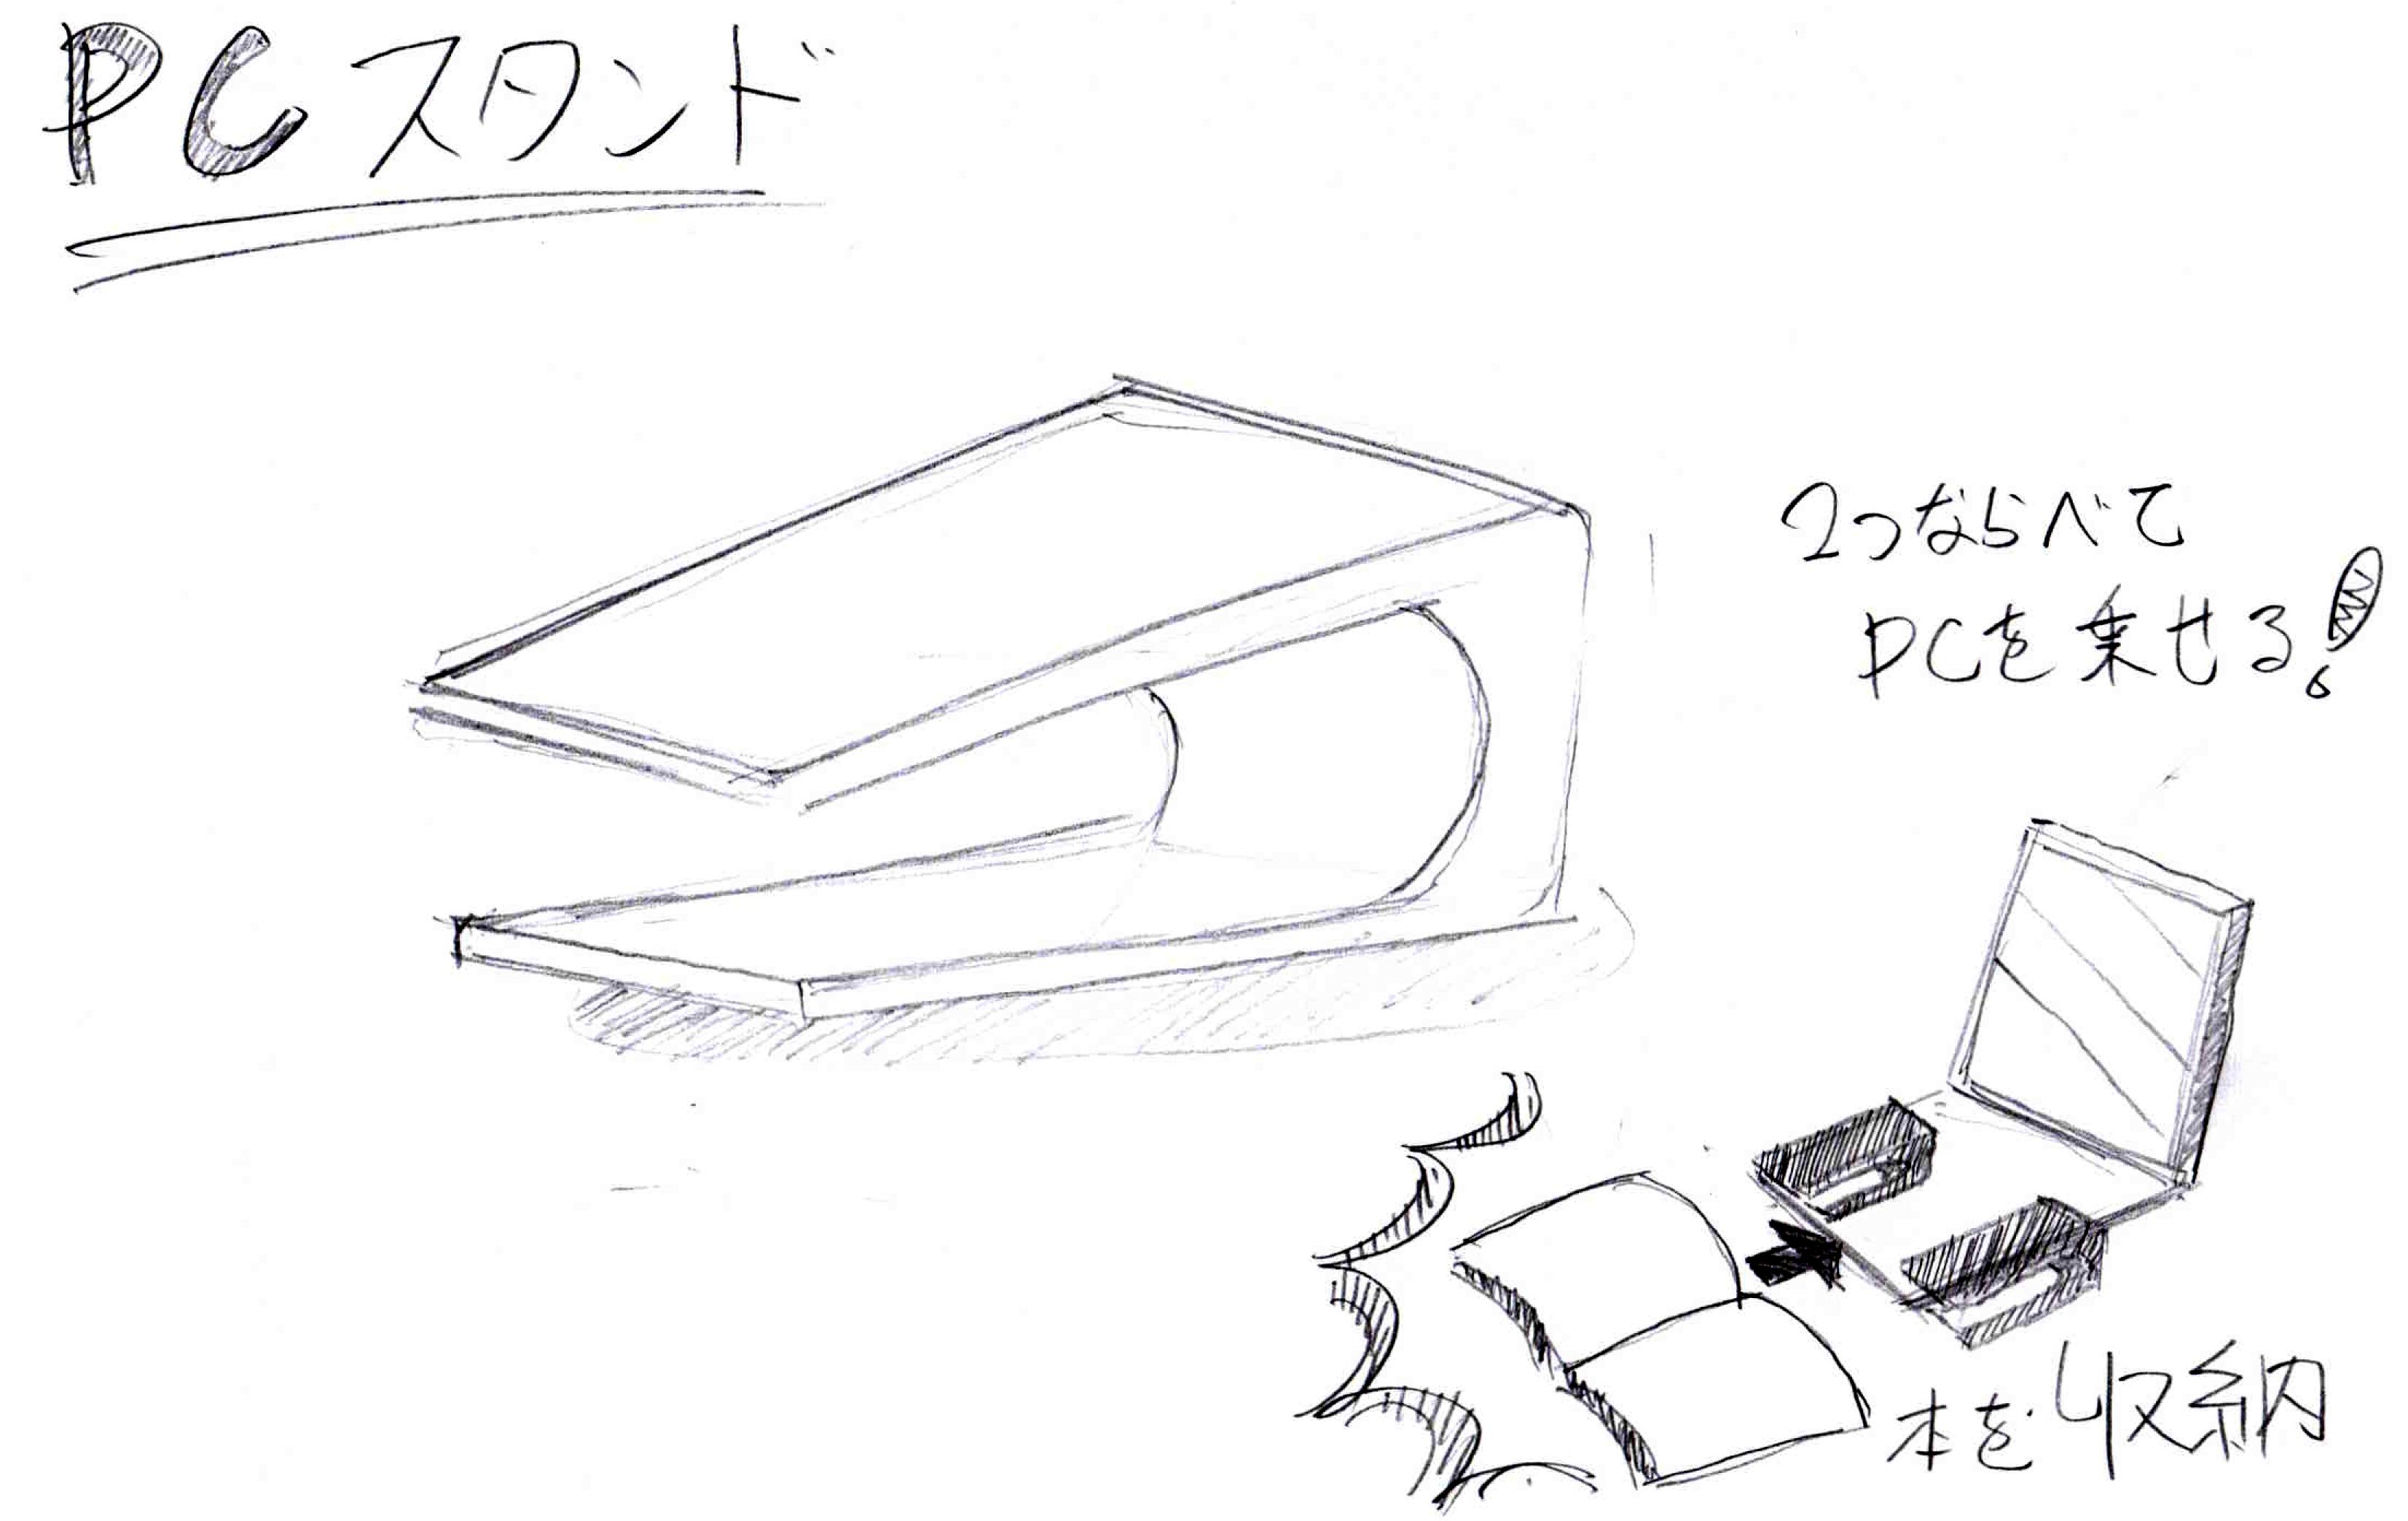 革命的なPCスタンドのデザイン